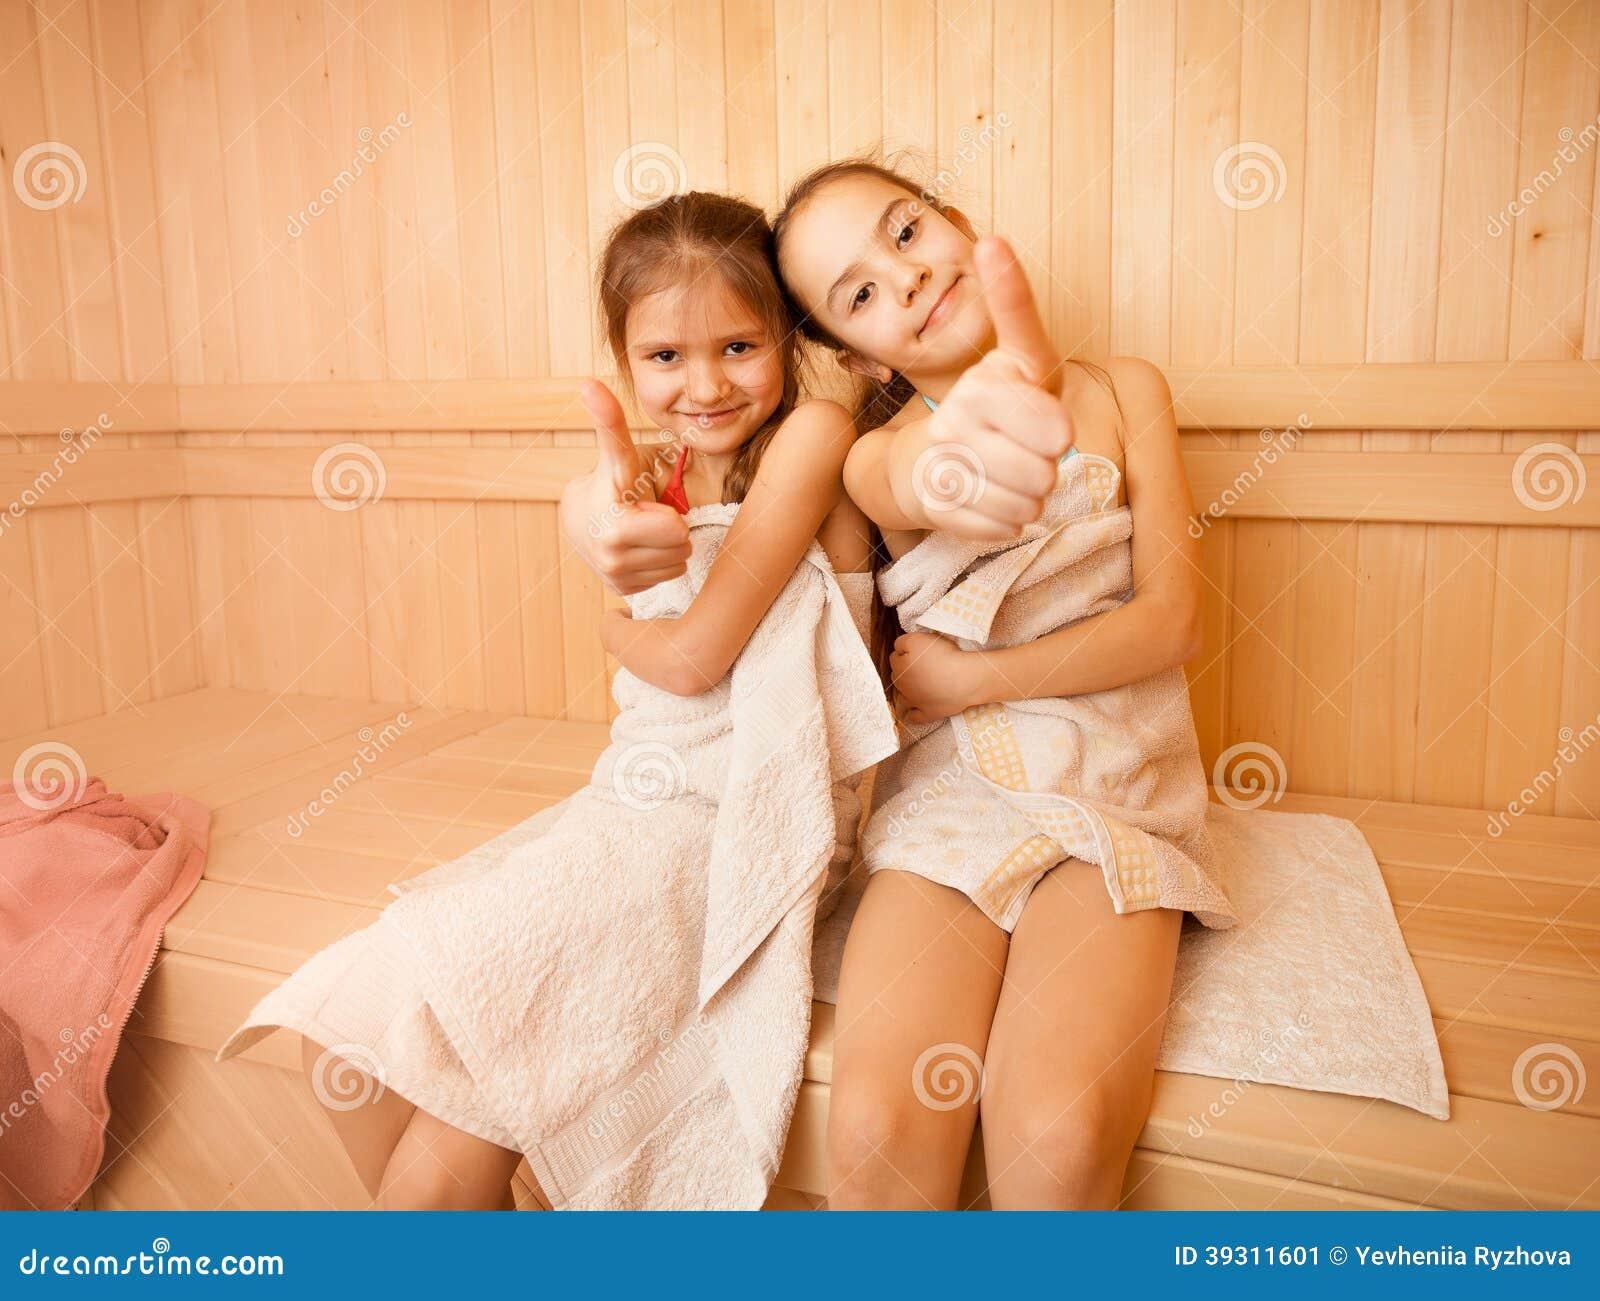 С девчонками в сауне 6 фотография